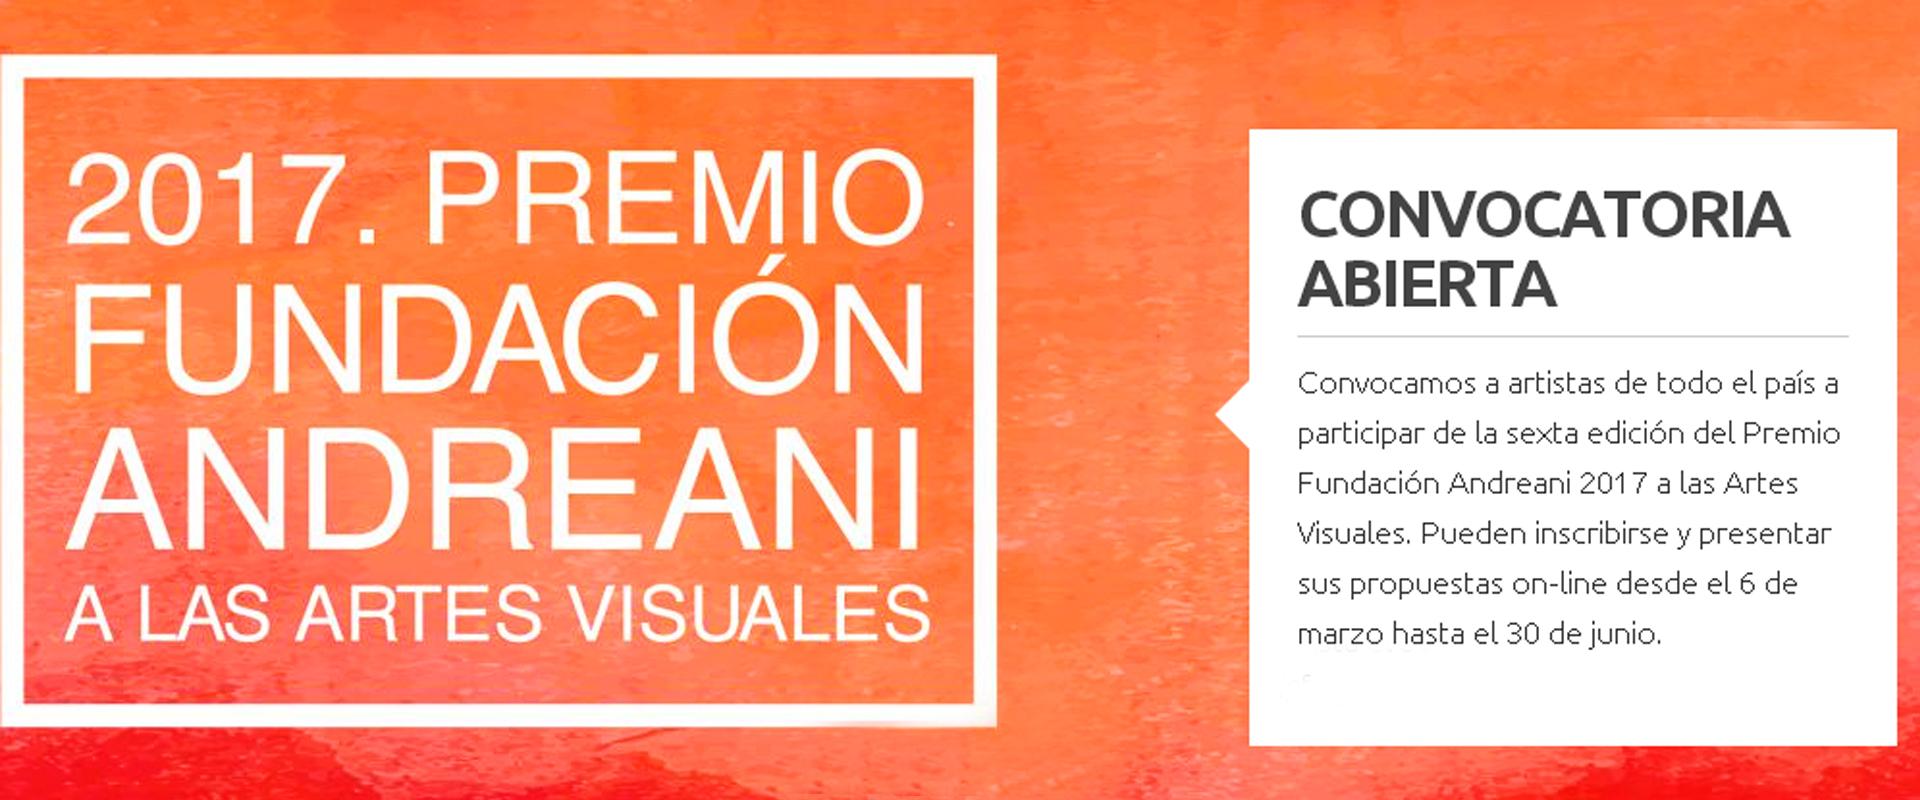 Premio Fundación Andreani 2017